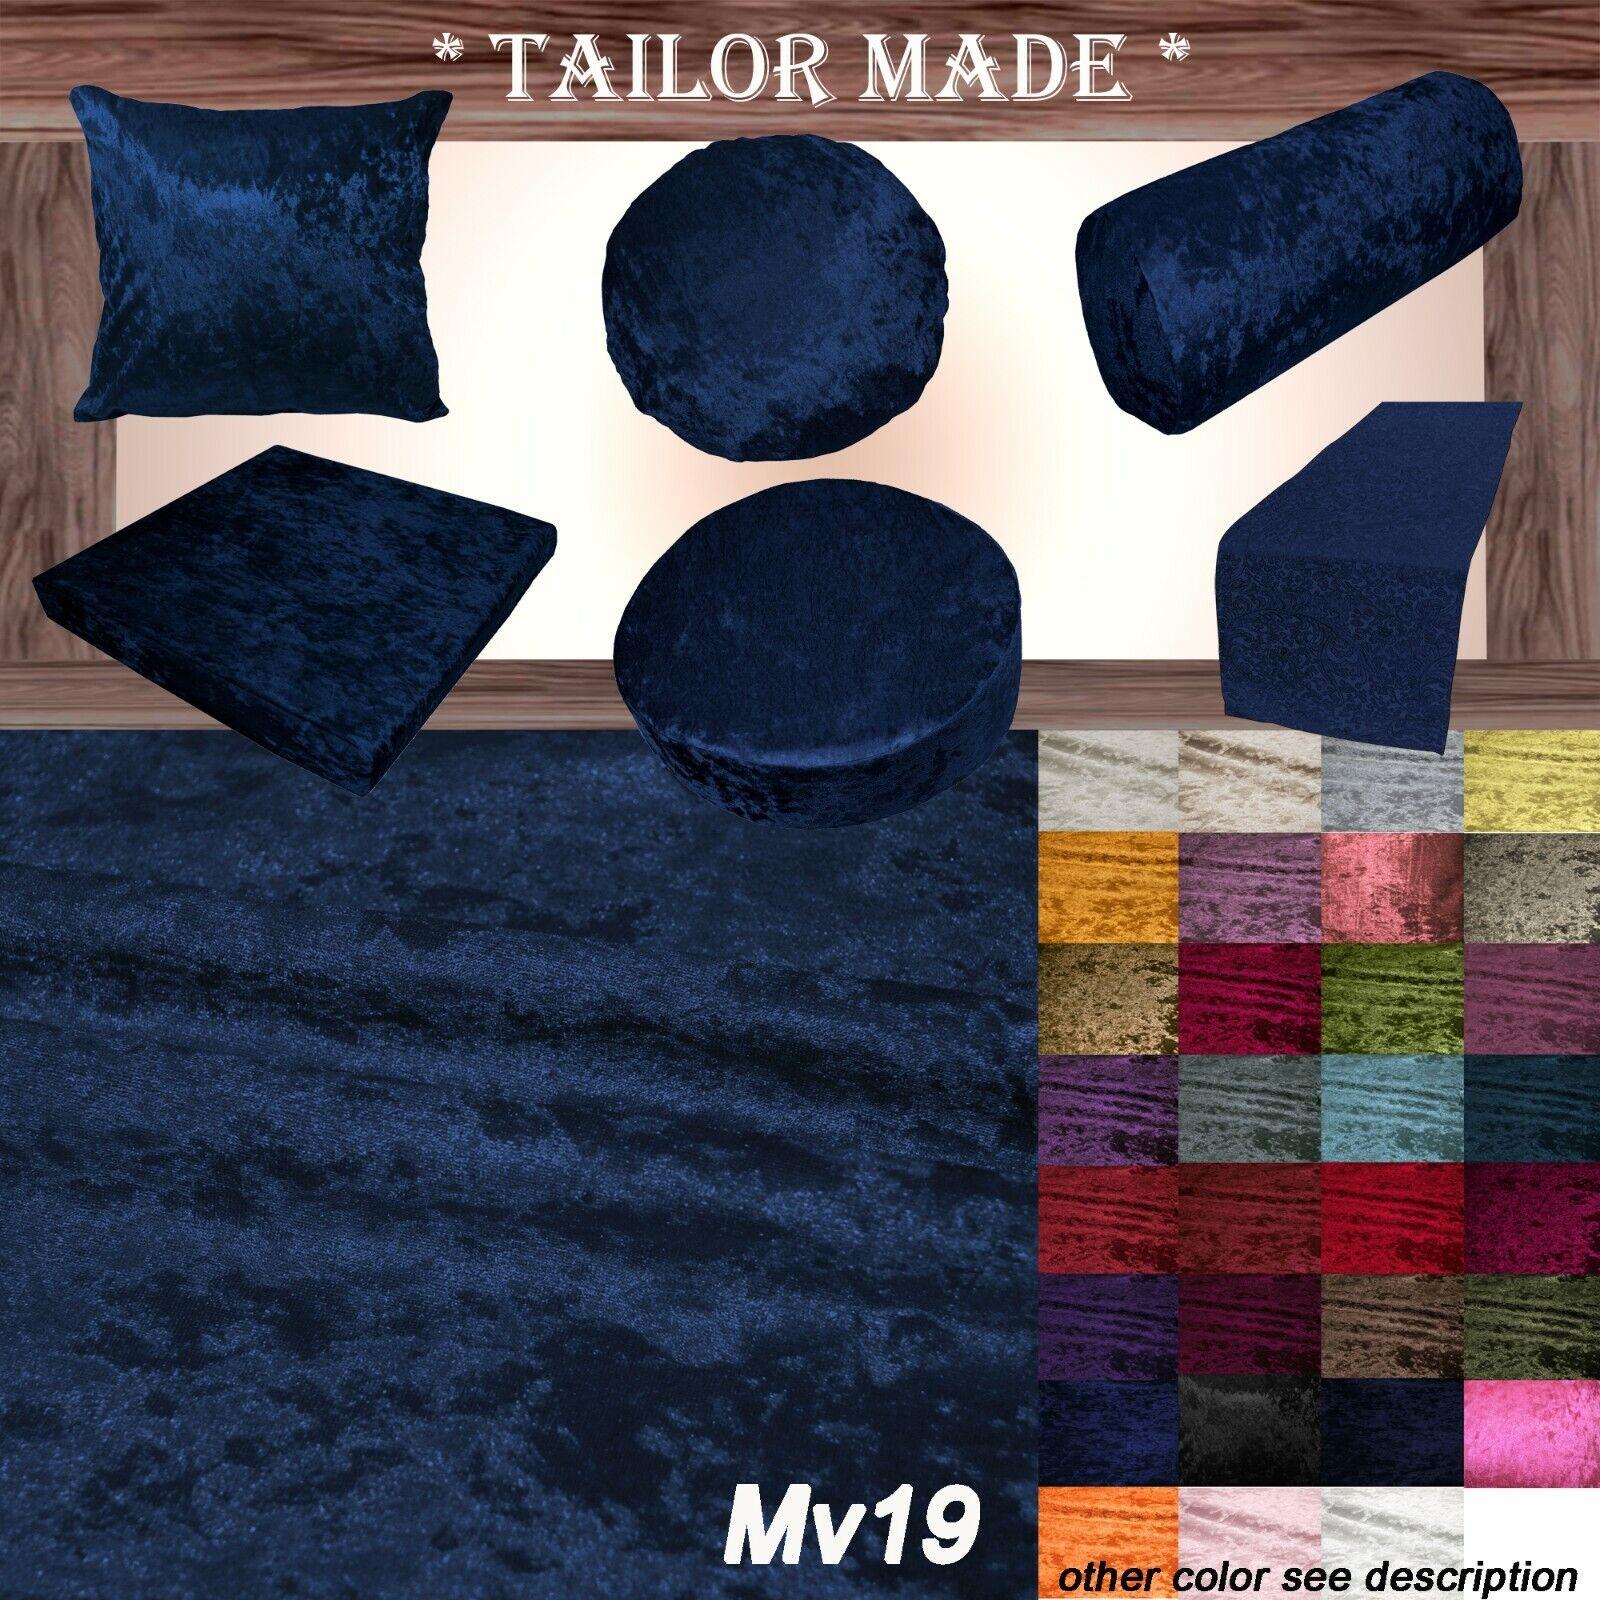 Mv19 Dark Blue Crushed Velvet Sofa Seat Patio Bench Cushion Bolster Cover Runner Ebay